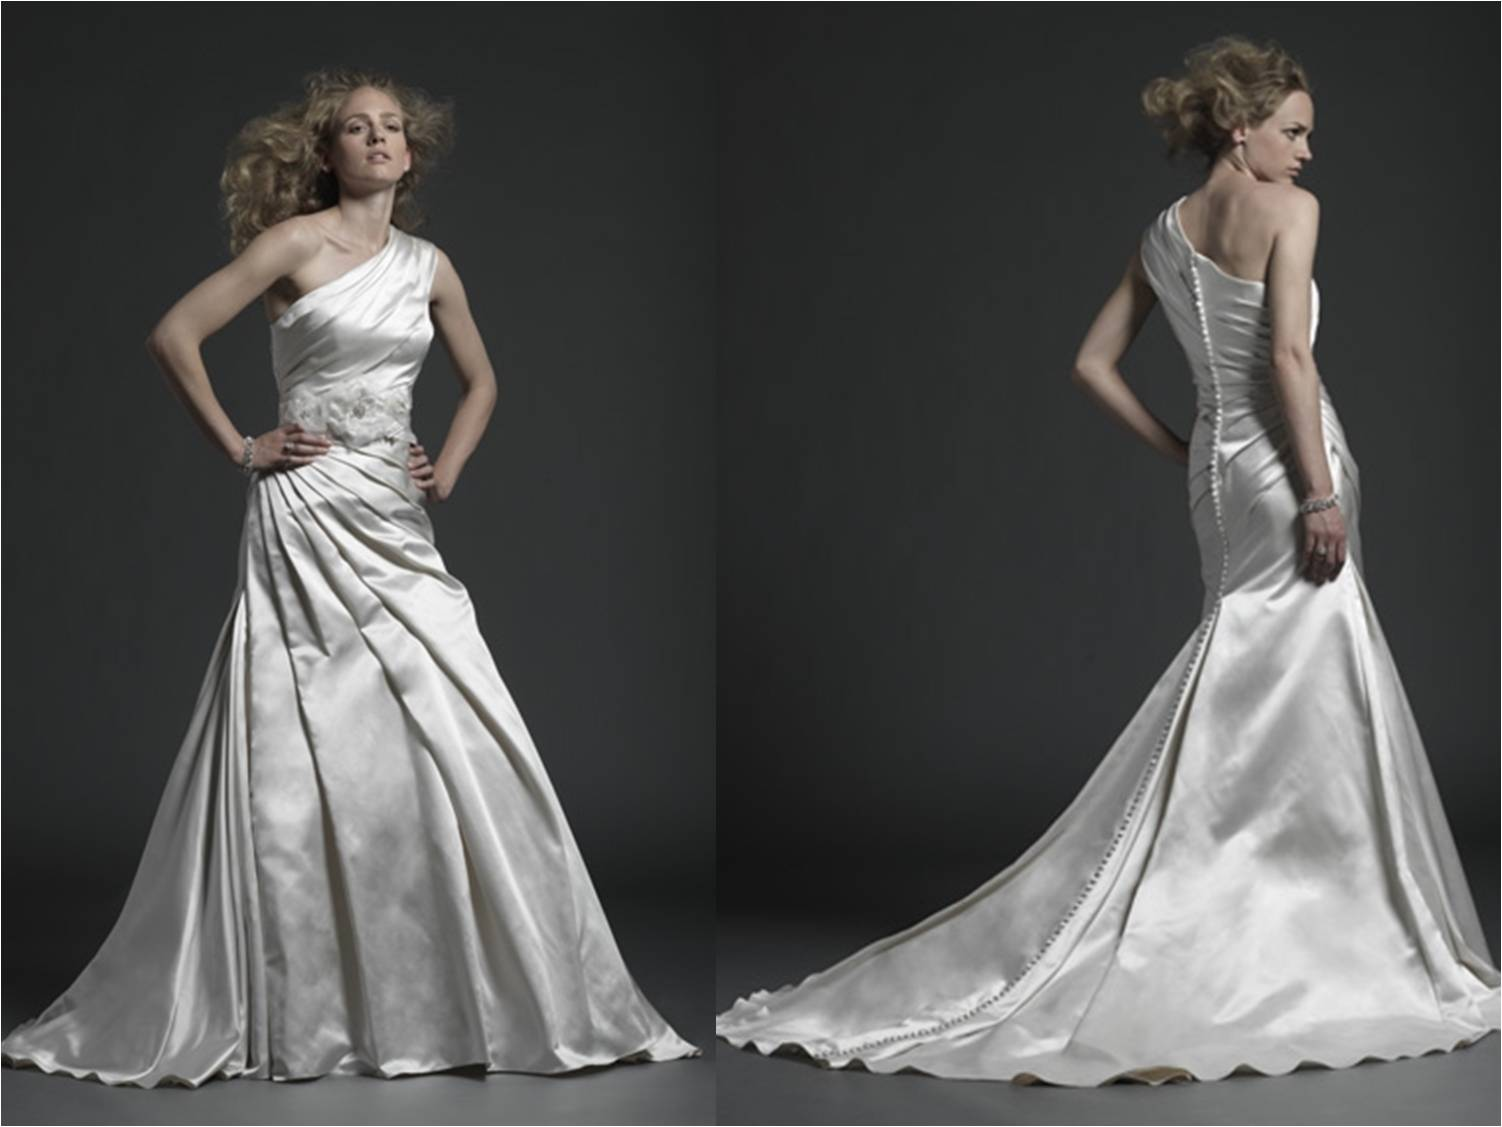 evetichwill.de - Heiraten auf Türkisch: Das Kleid der Woche ...